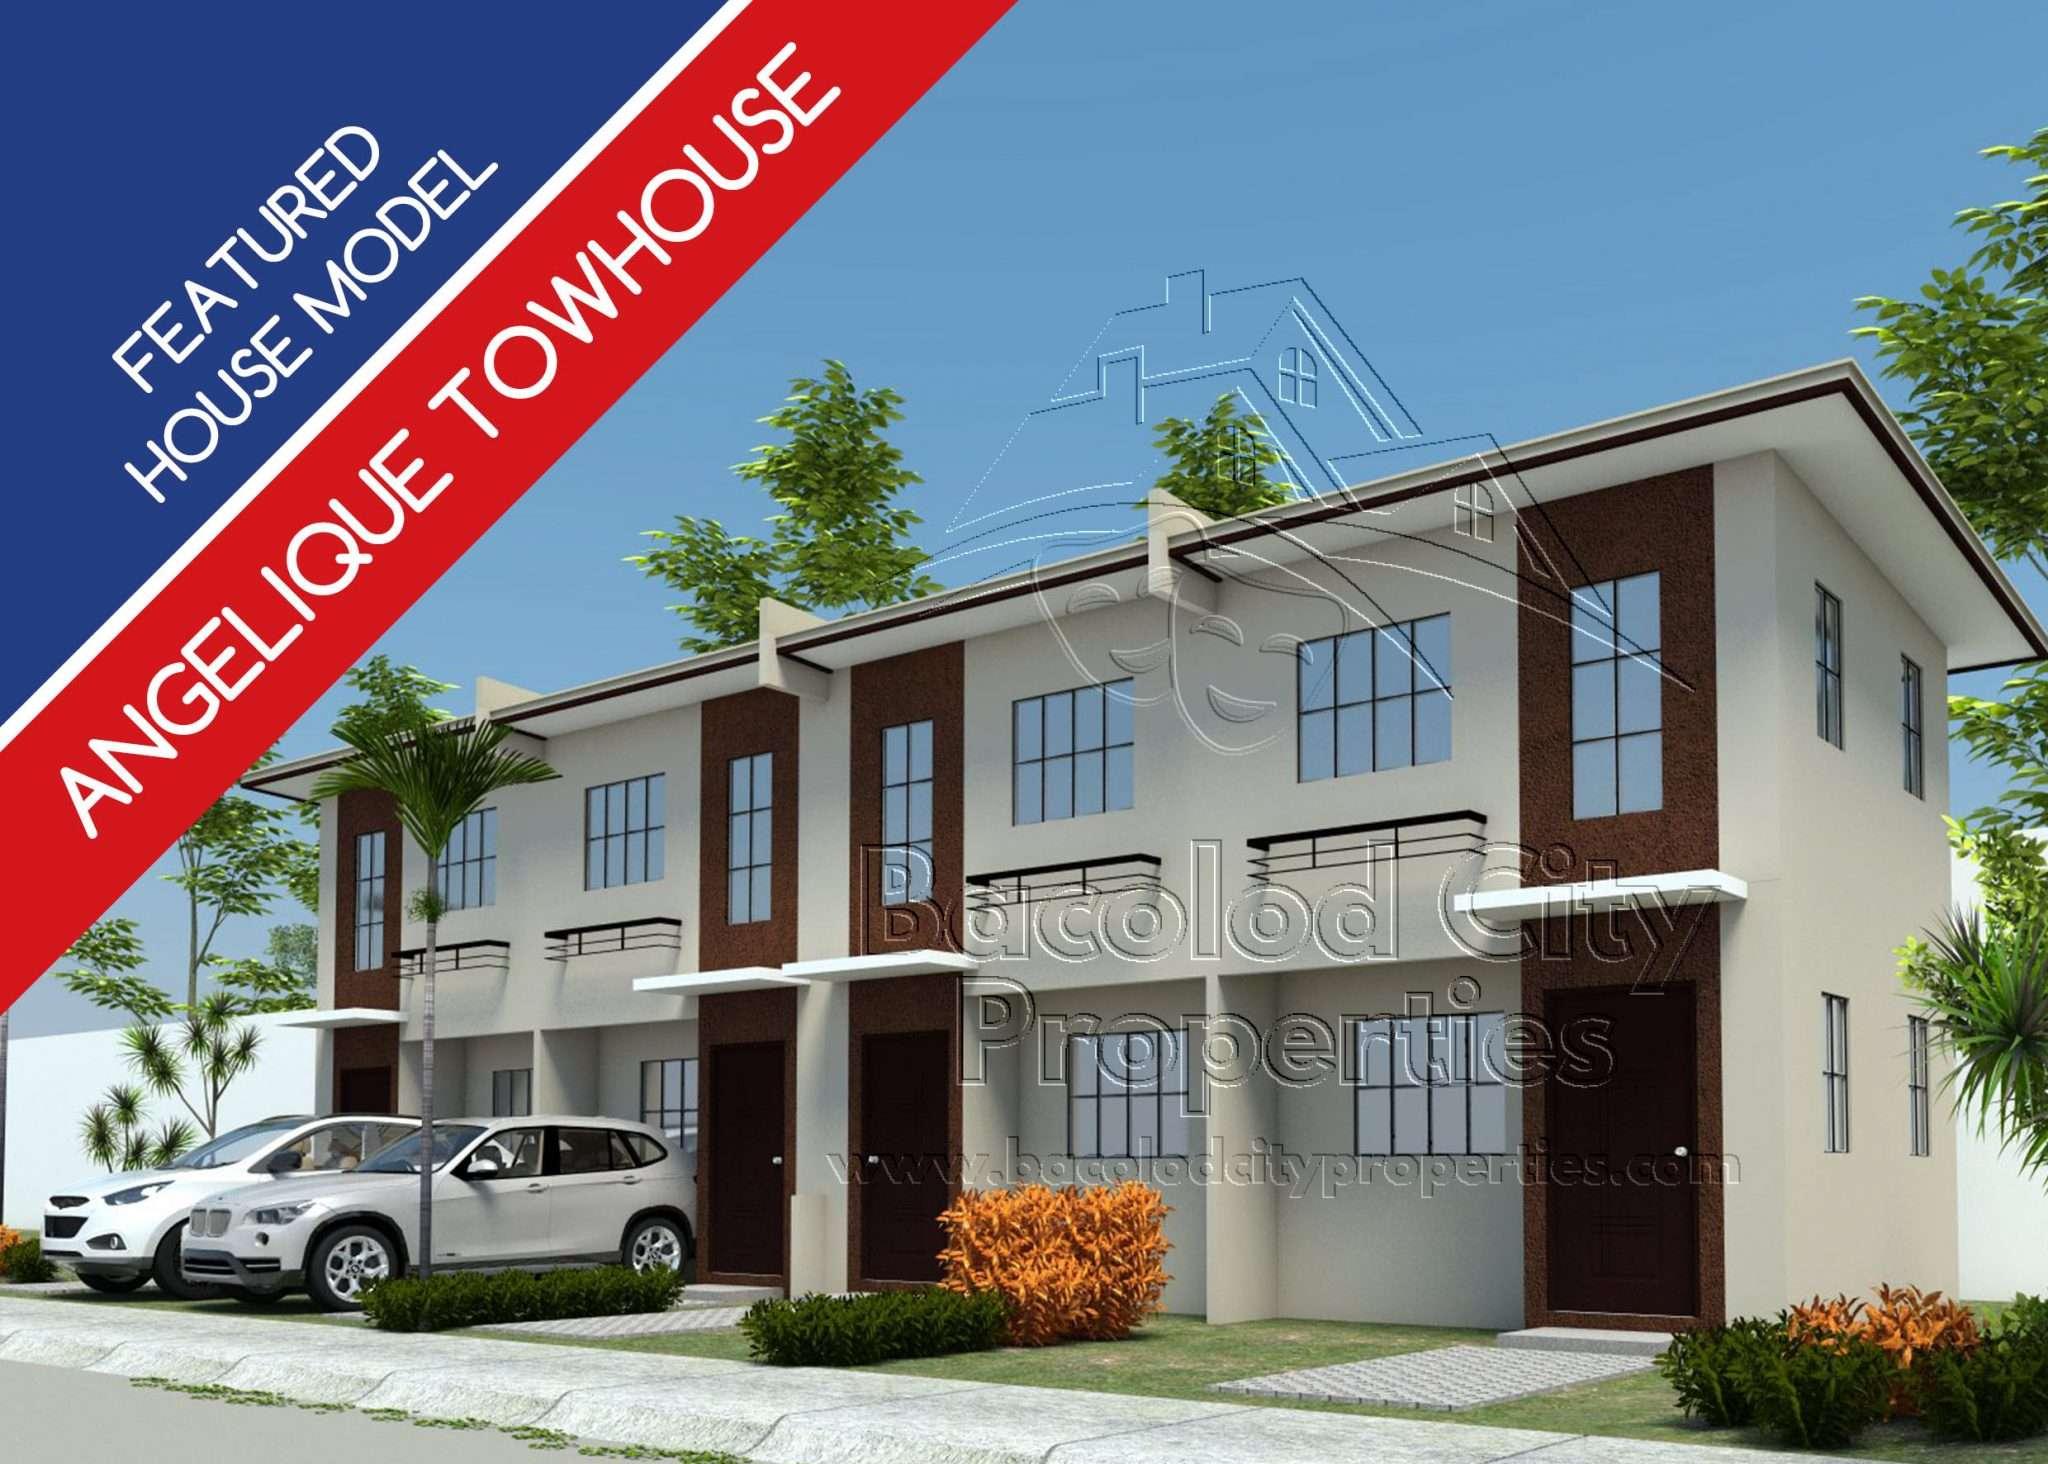 Angelique Townhouse